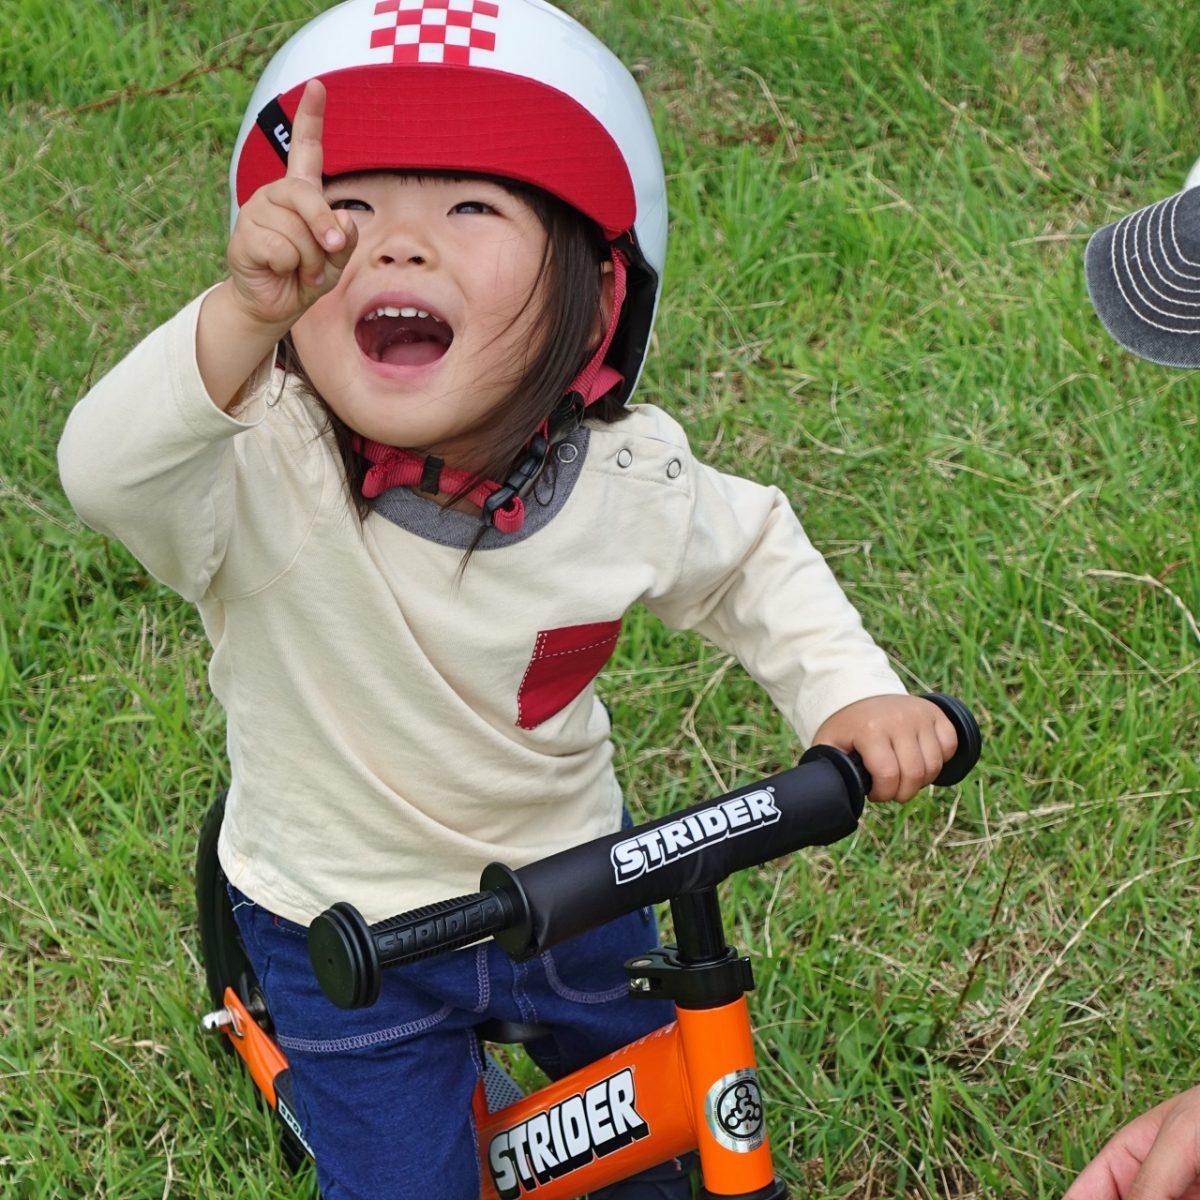 bernのヘルメットをかぶりストライダースポーツモデルに乗る女の子